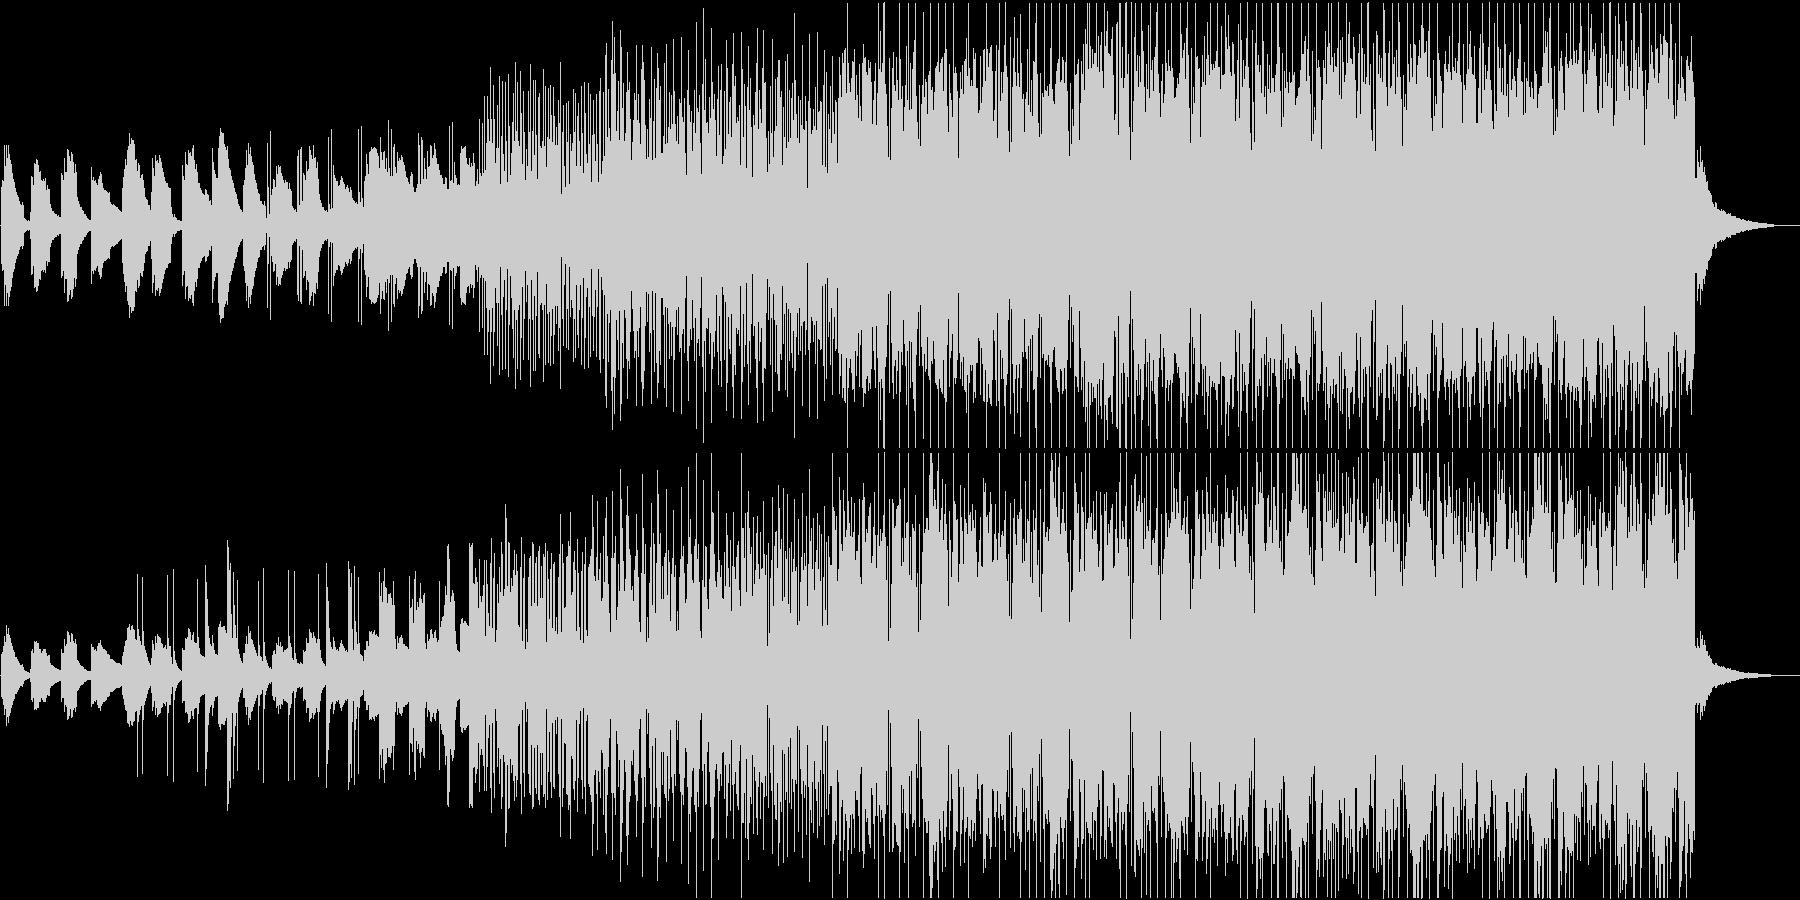 シンプルで穏やかなヒーリングミュージックの未再生の波形